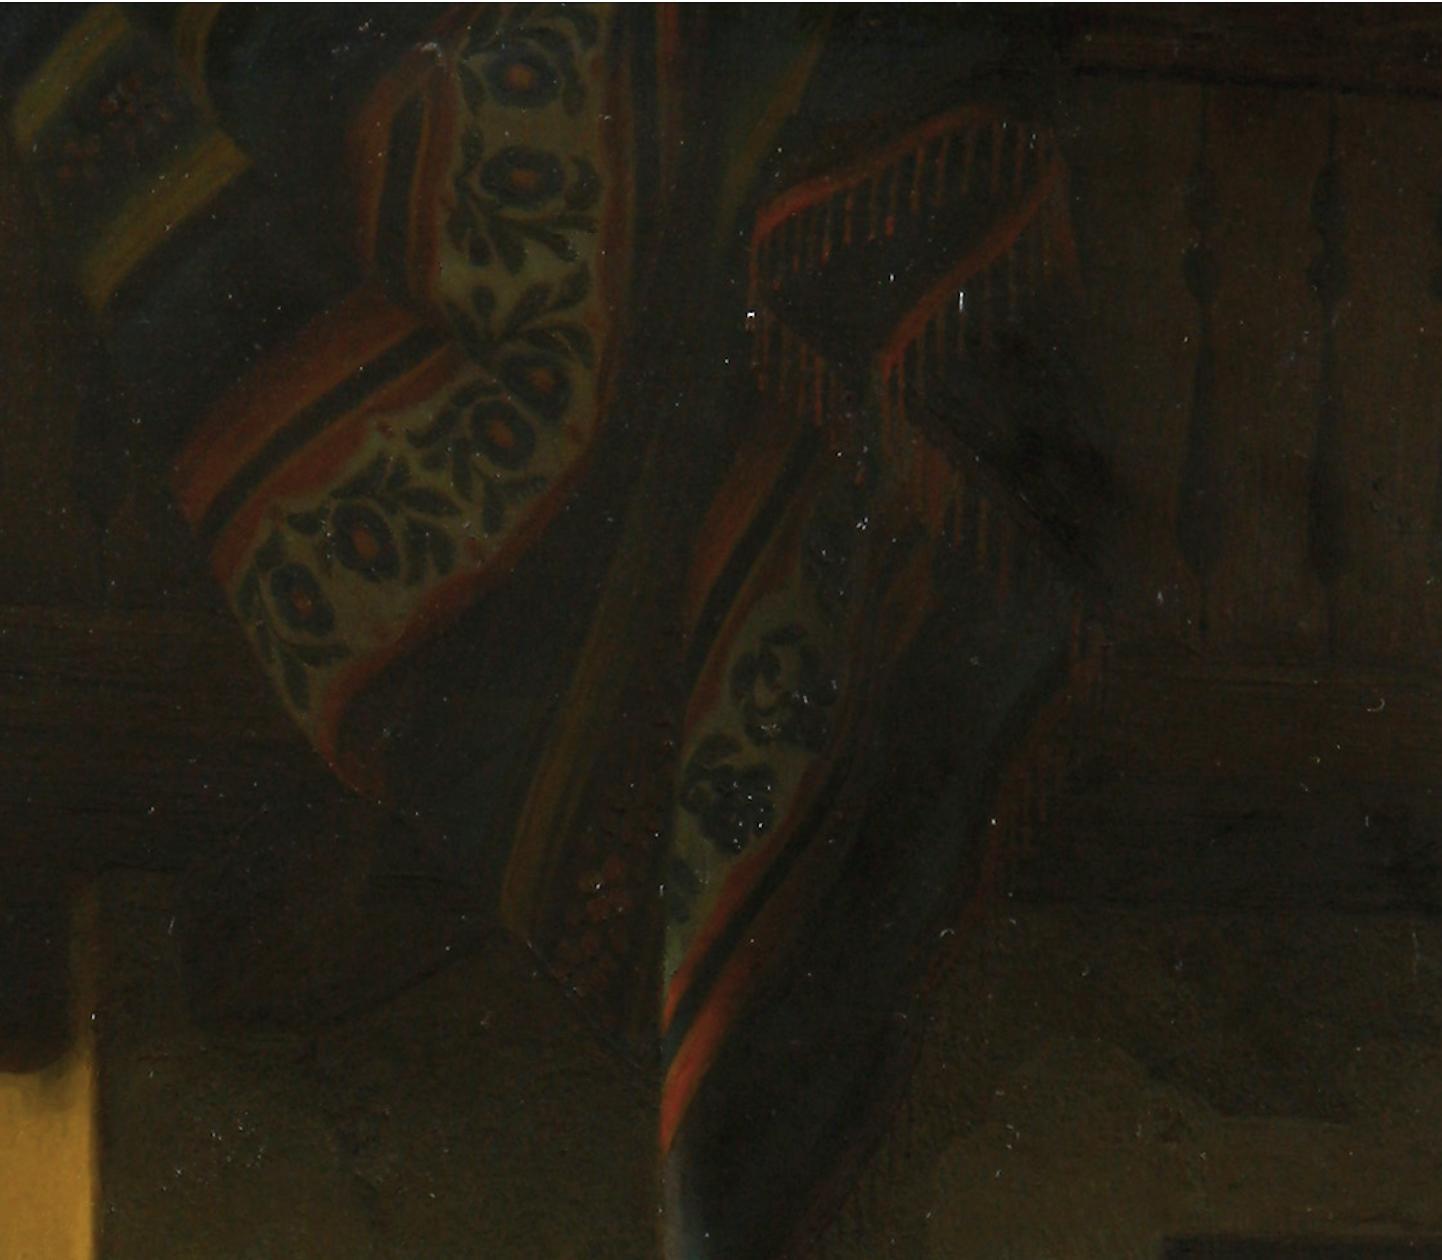 August Ludwig Most, Zwieszający się kilim, fragment obrazu Podsłuchiwana randka, 1844, olej na płótnie, Muzeum Narodowe w Szczecinie